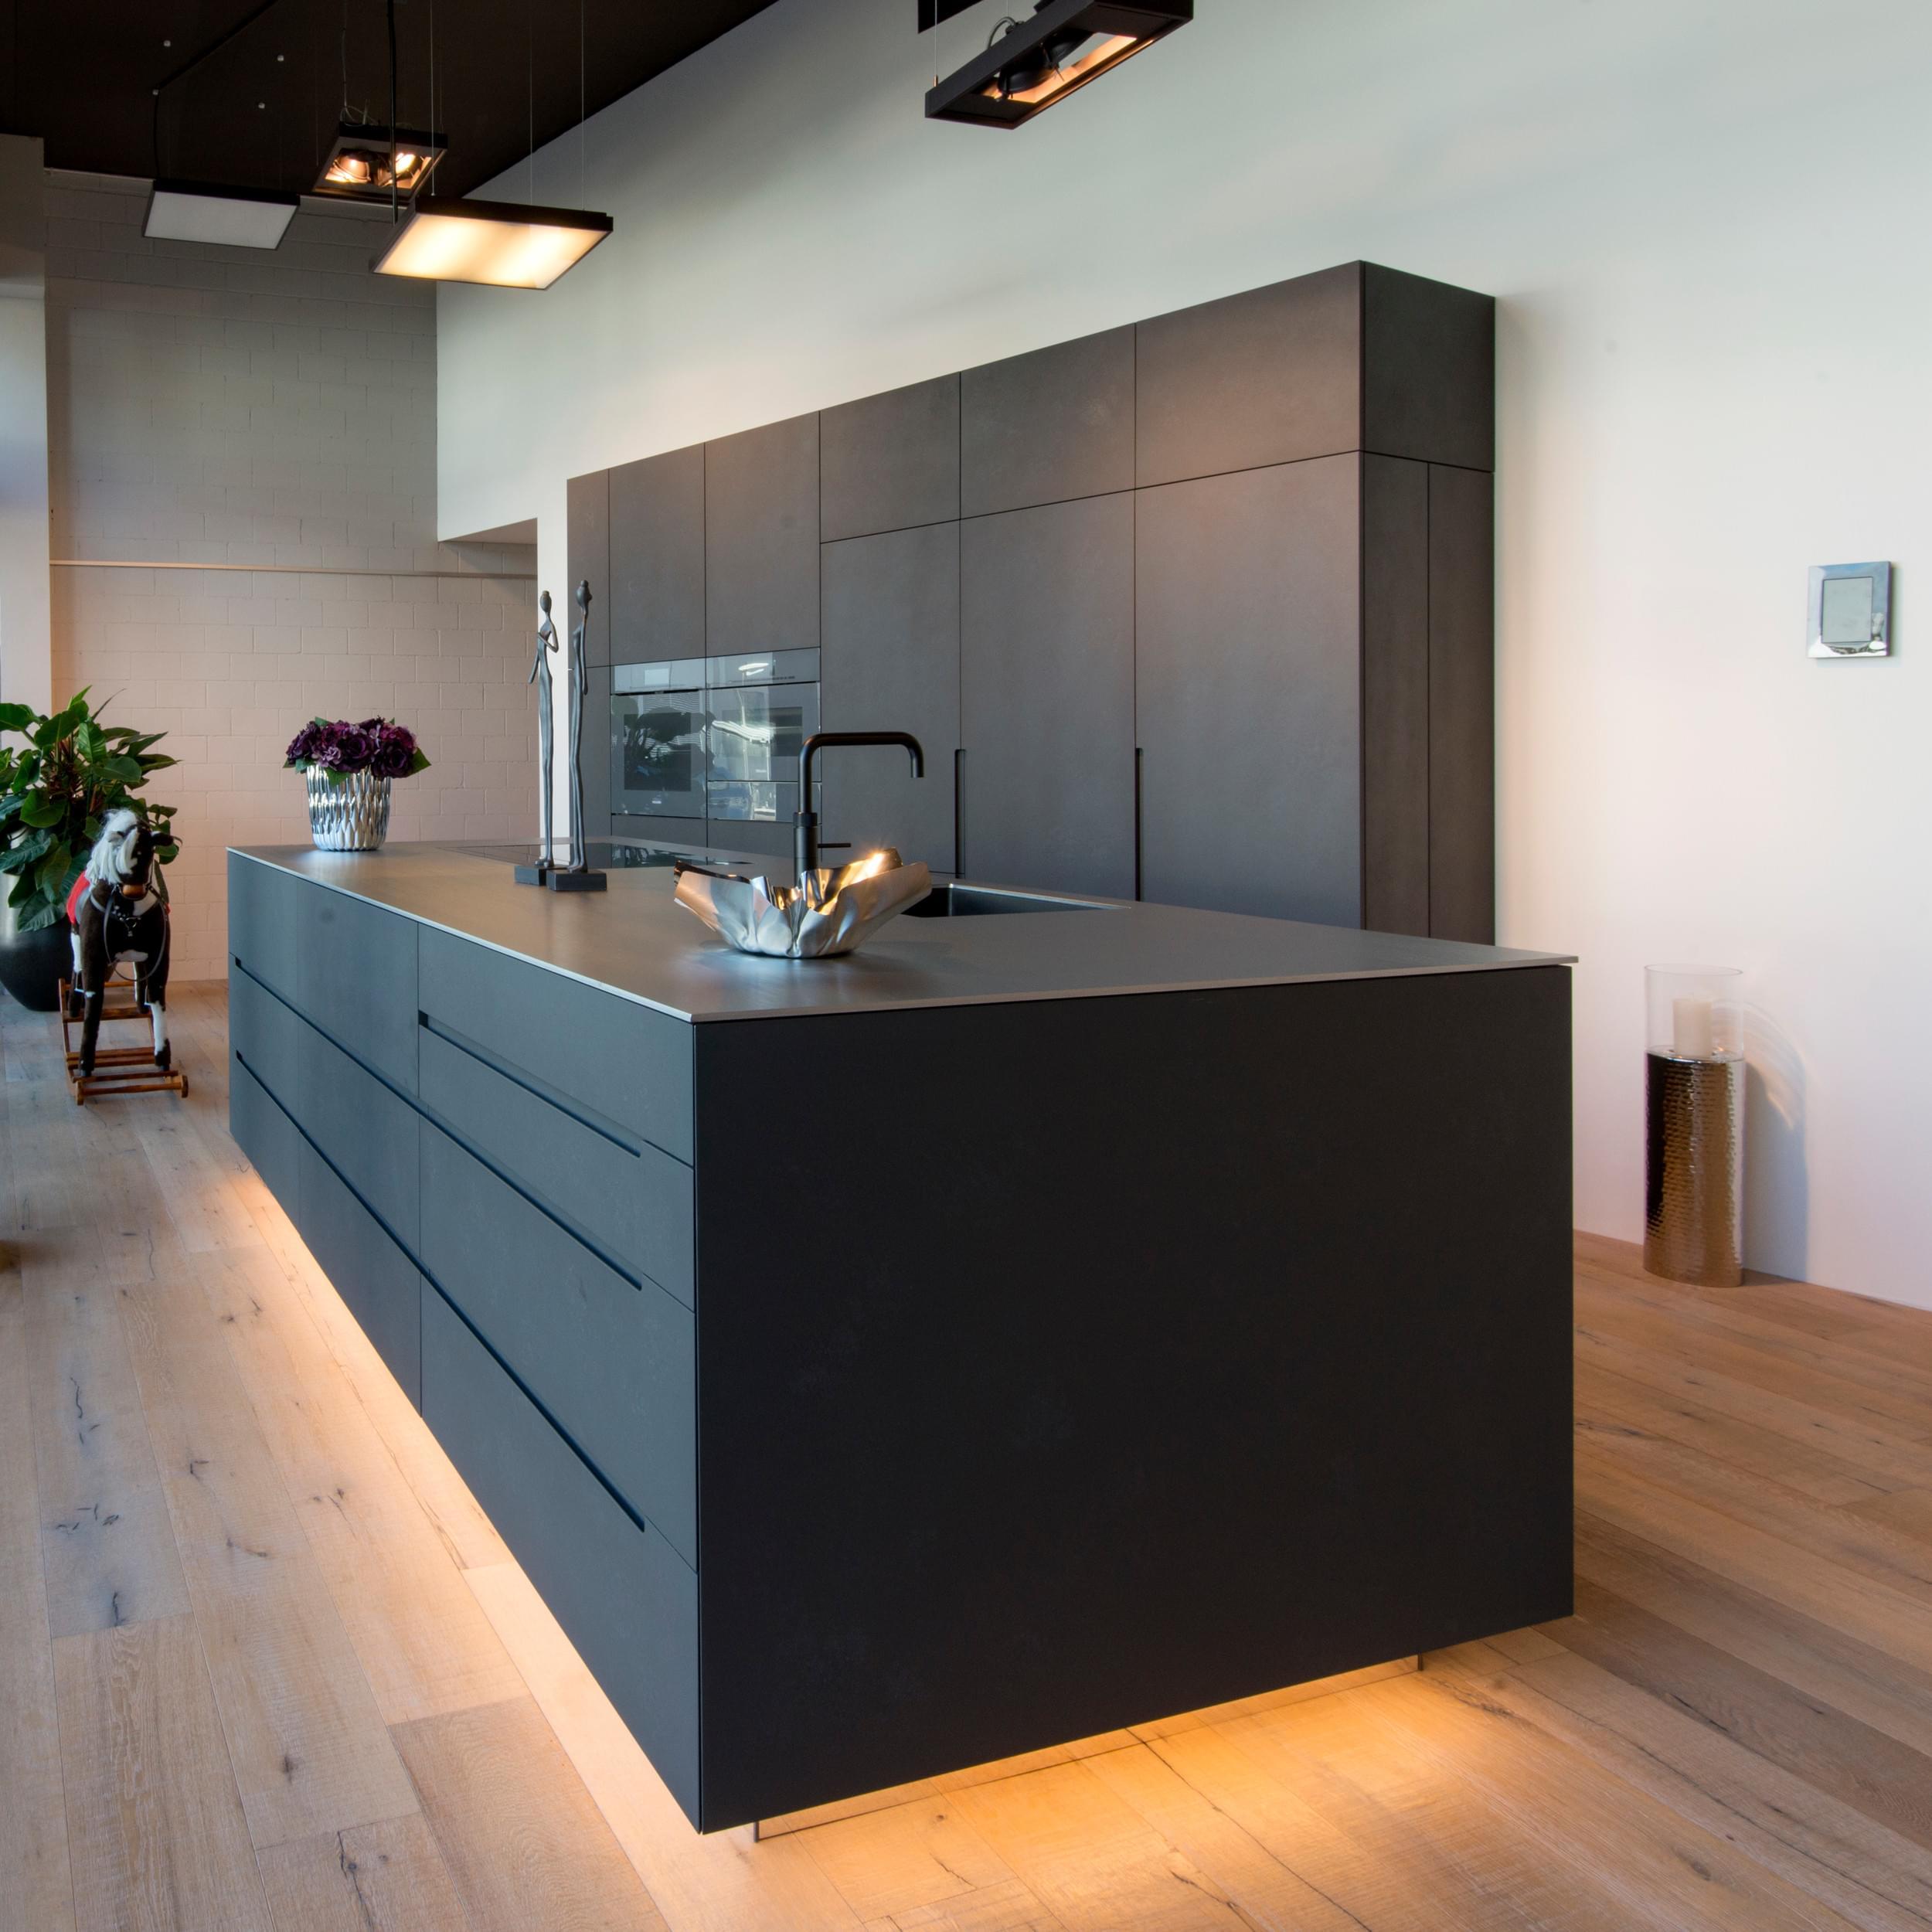 Full Size of Ausstellungsküche Kaufen Amerikanische Küche Bett Günstig Sofa Online Mit Elektrogeräten Gebrauchte Verkaufen Velux Fenster Big Wohnzimmer Ausstellungsküche Kaufen